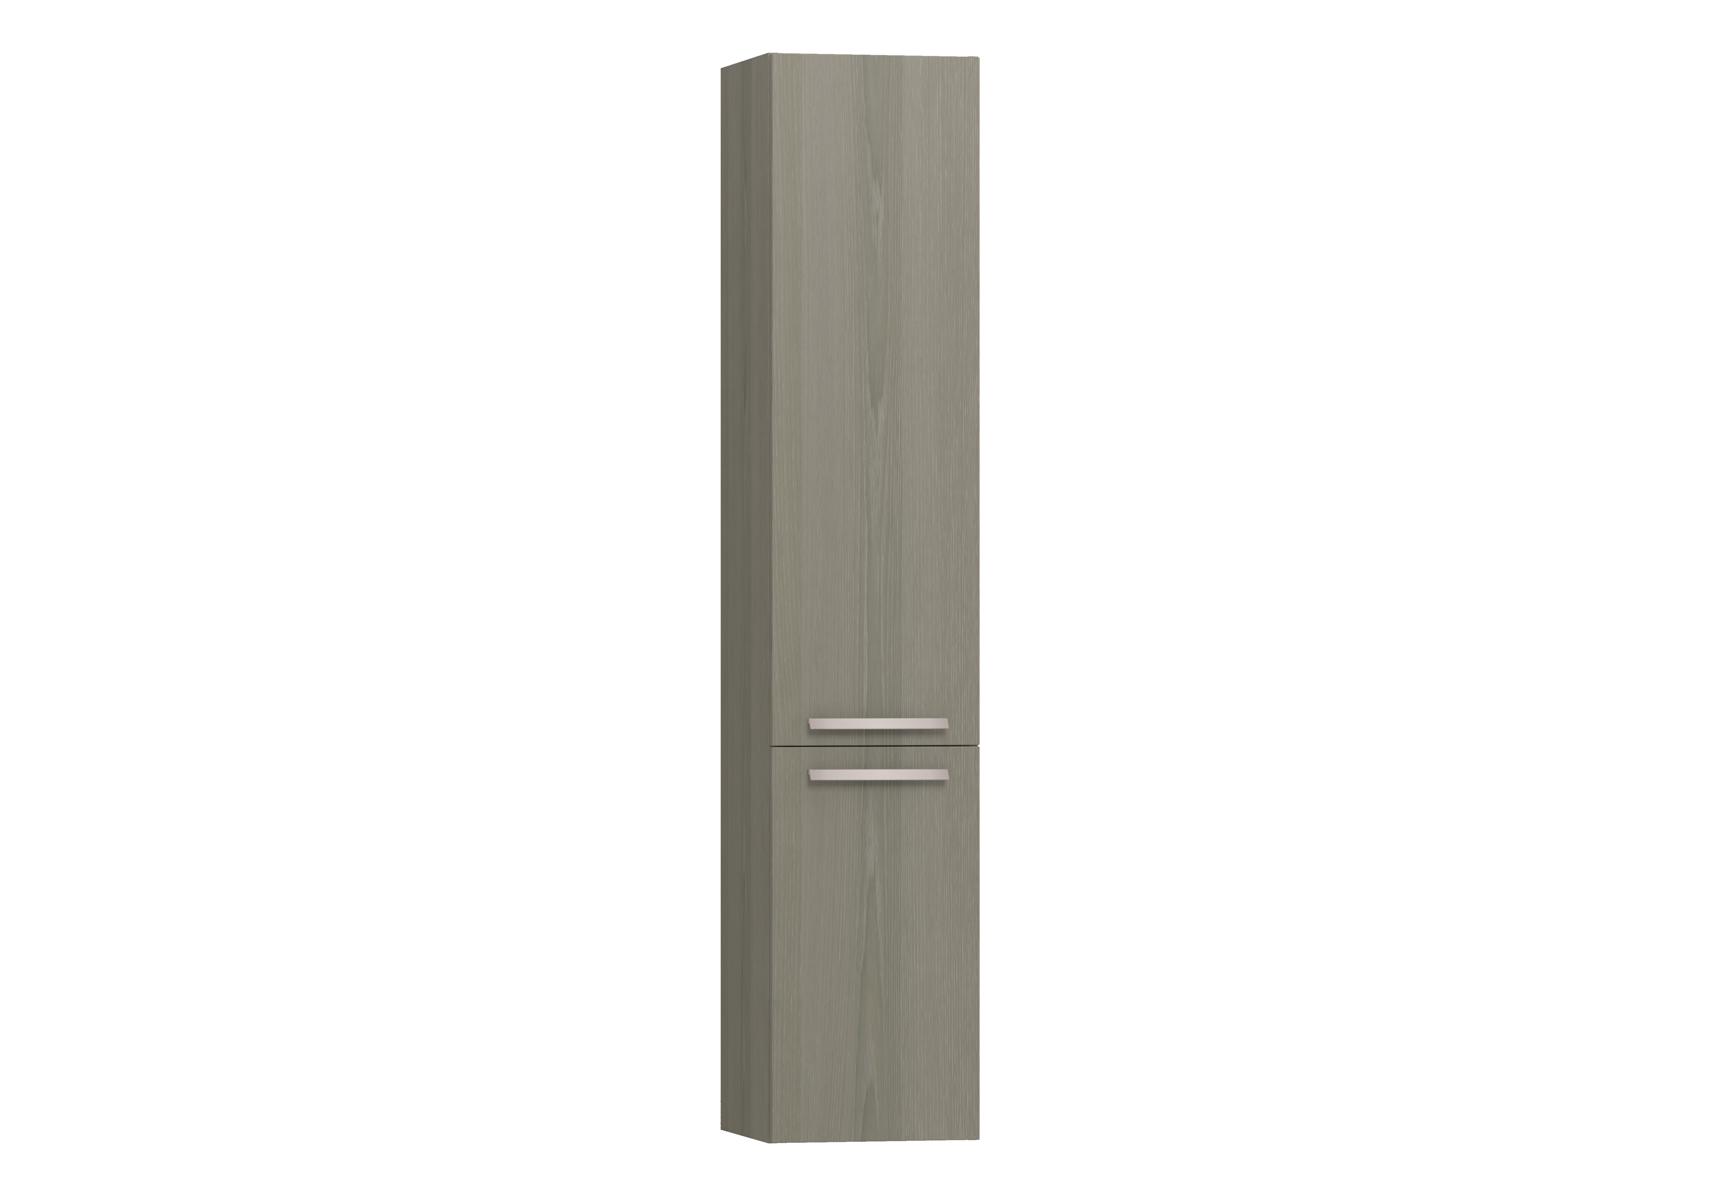 Integra armoire haute avec corbeille à linge, porte à droite, 35 cm, chêne gris naturel